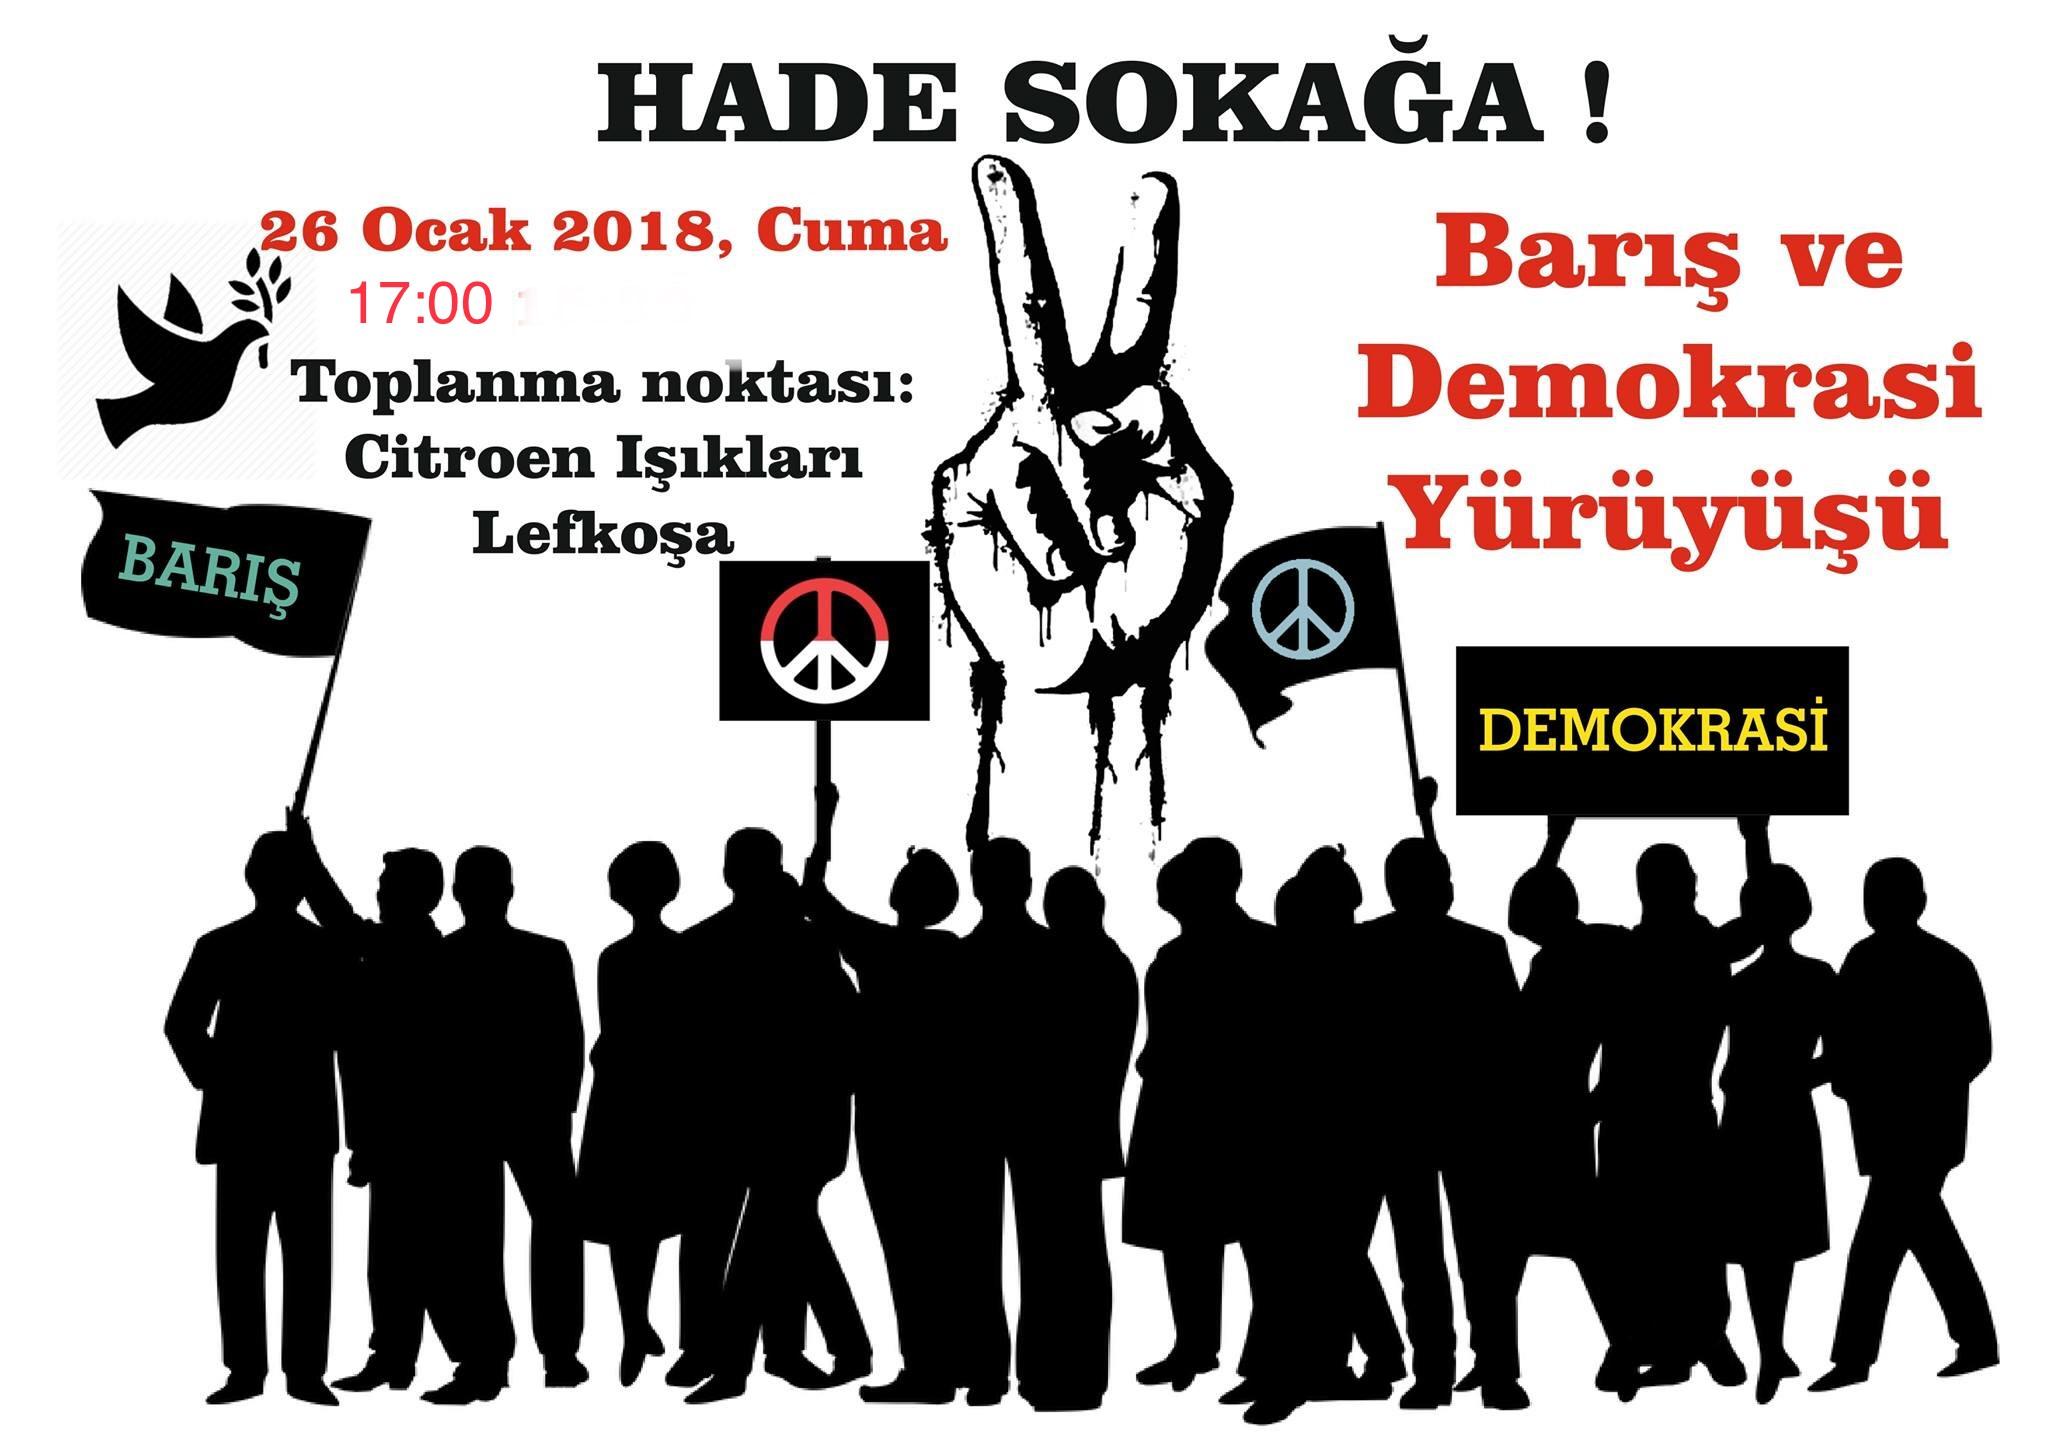 Hade Sokağa! Barış ve Demokrasi Yürüyüşüne!